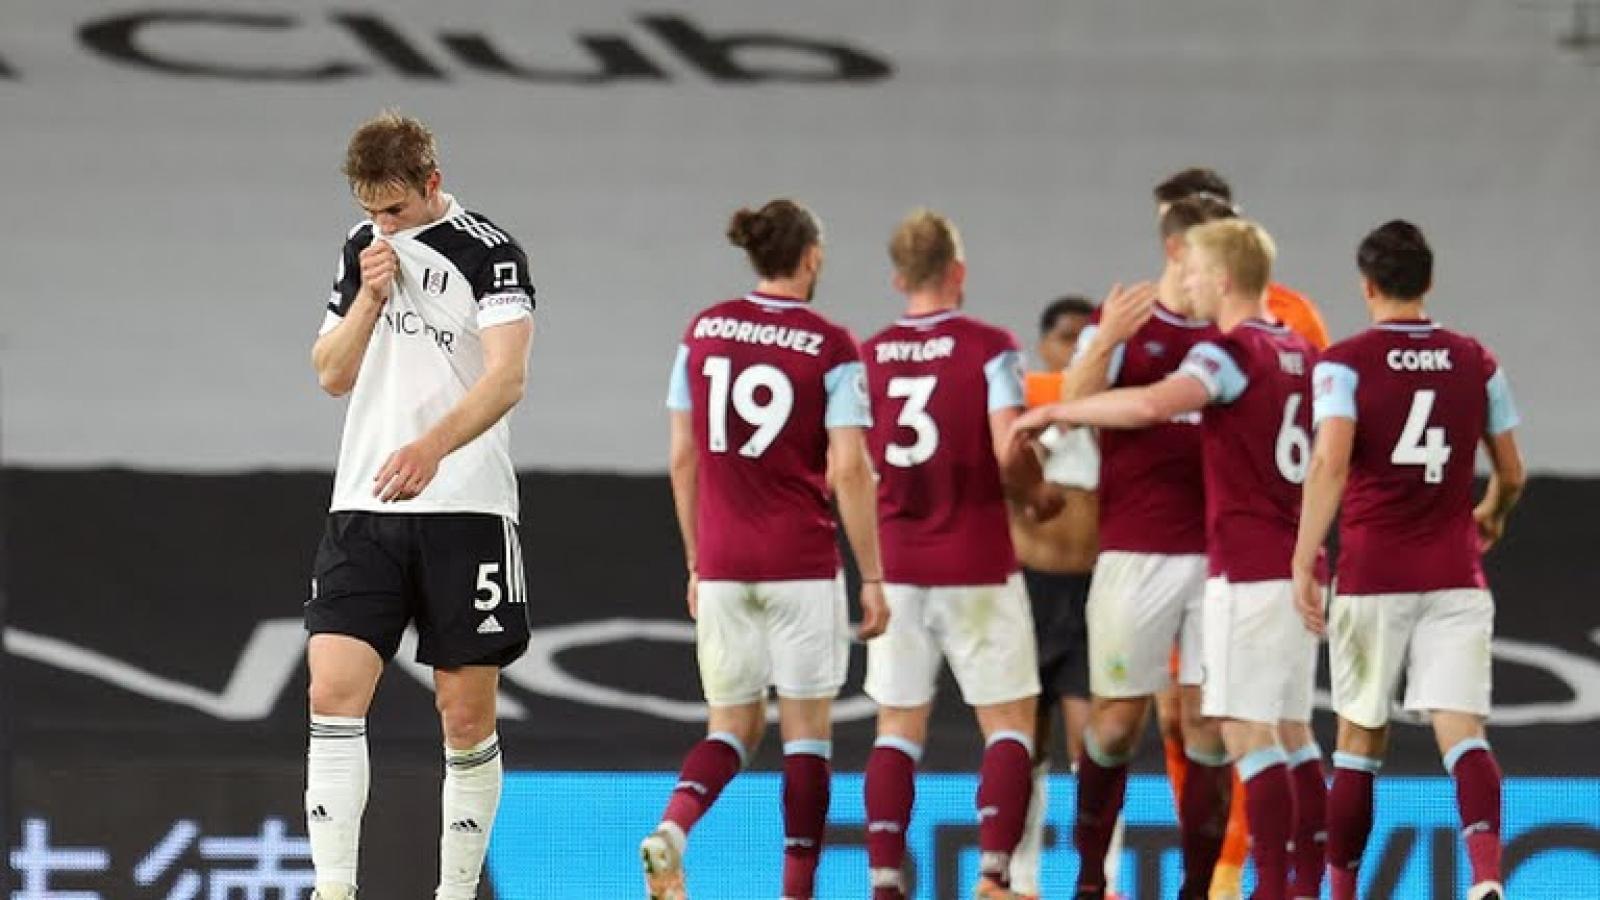 Ngoại hạng Anh đã xác định xong 3 đội xuống hạng